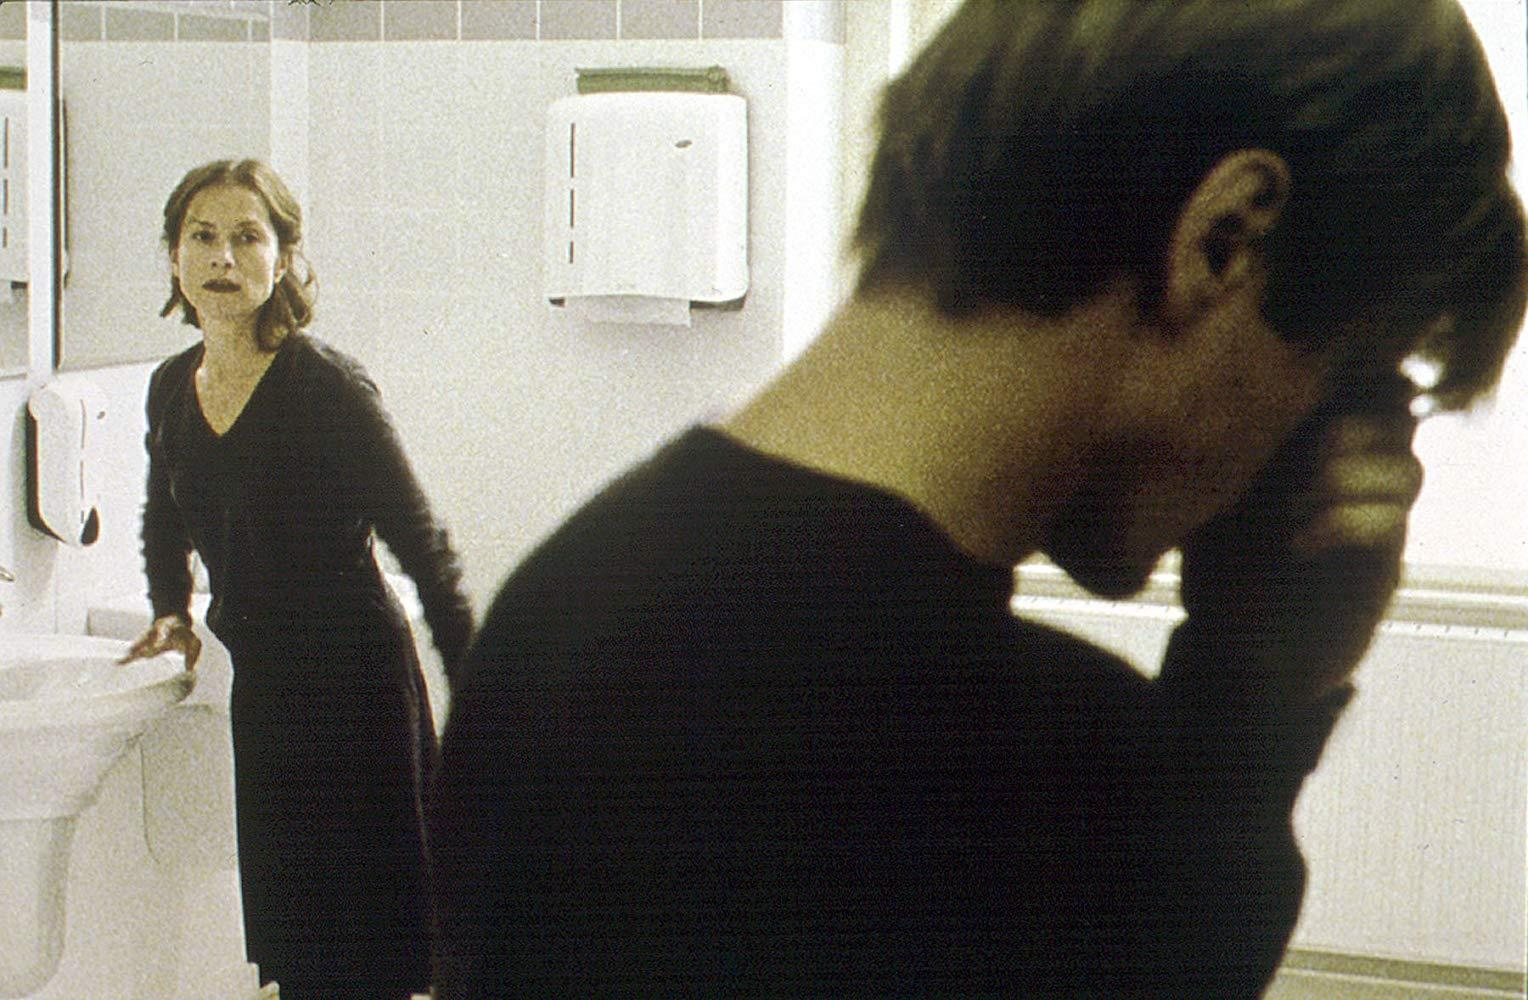 فيلم The Piano Teacher 2001 مترجم